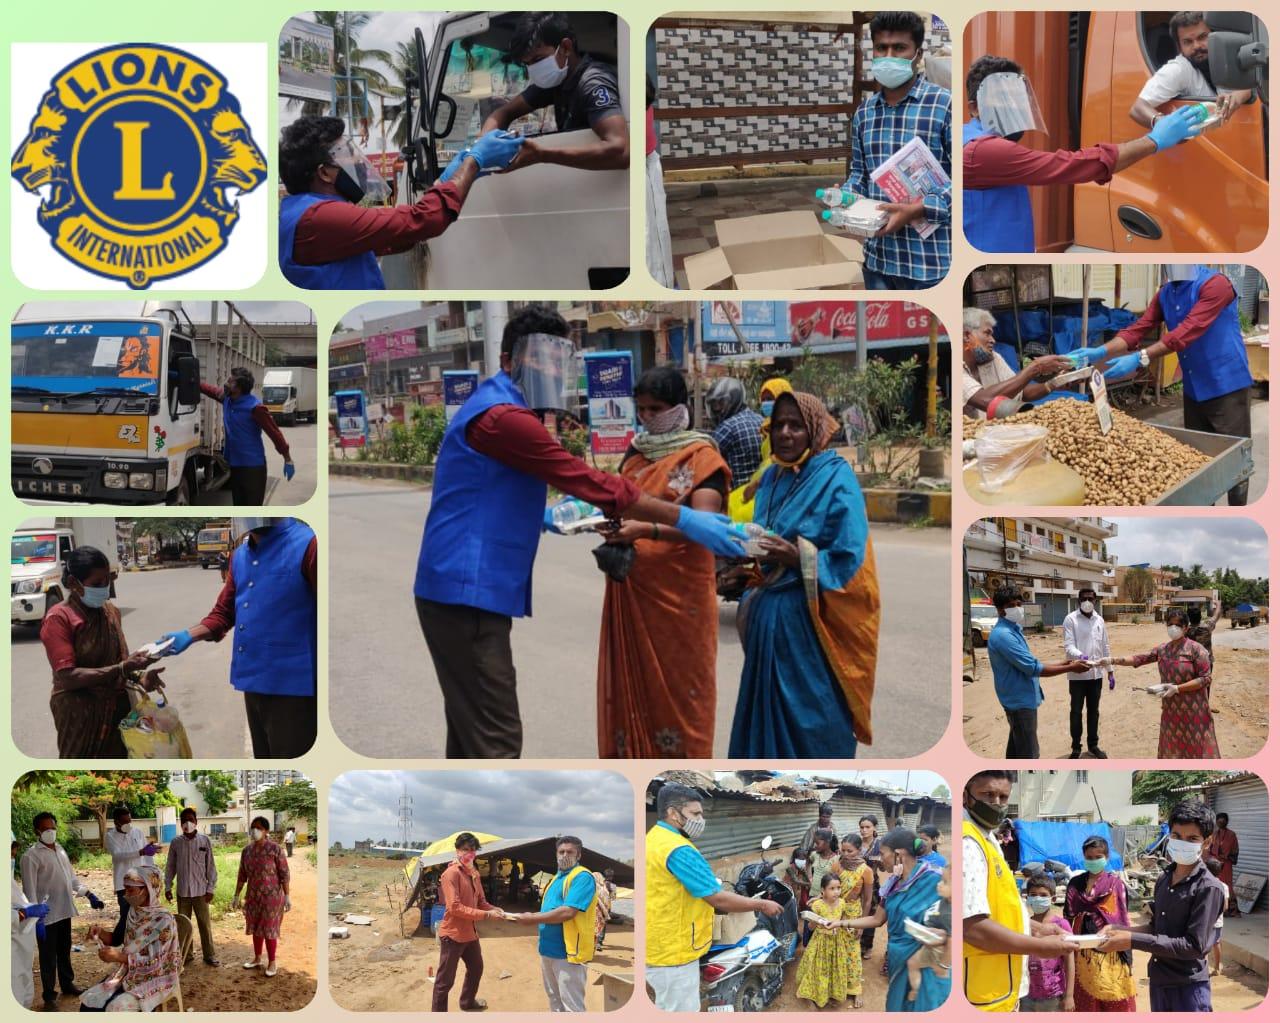 """एक हाथ , मदद का : गत 15 दिनों से """"लायंस ऑफ सरजापुरा"""" , समाज के समस्त वर्गों की सहायता में सतत प्रयत्नशील है।"""